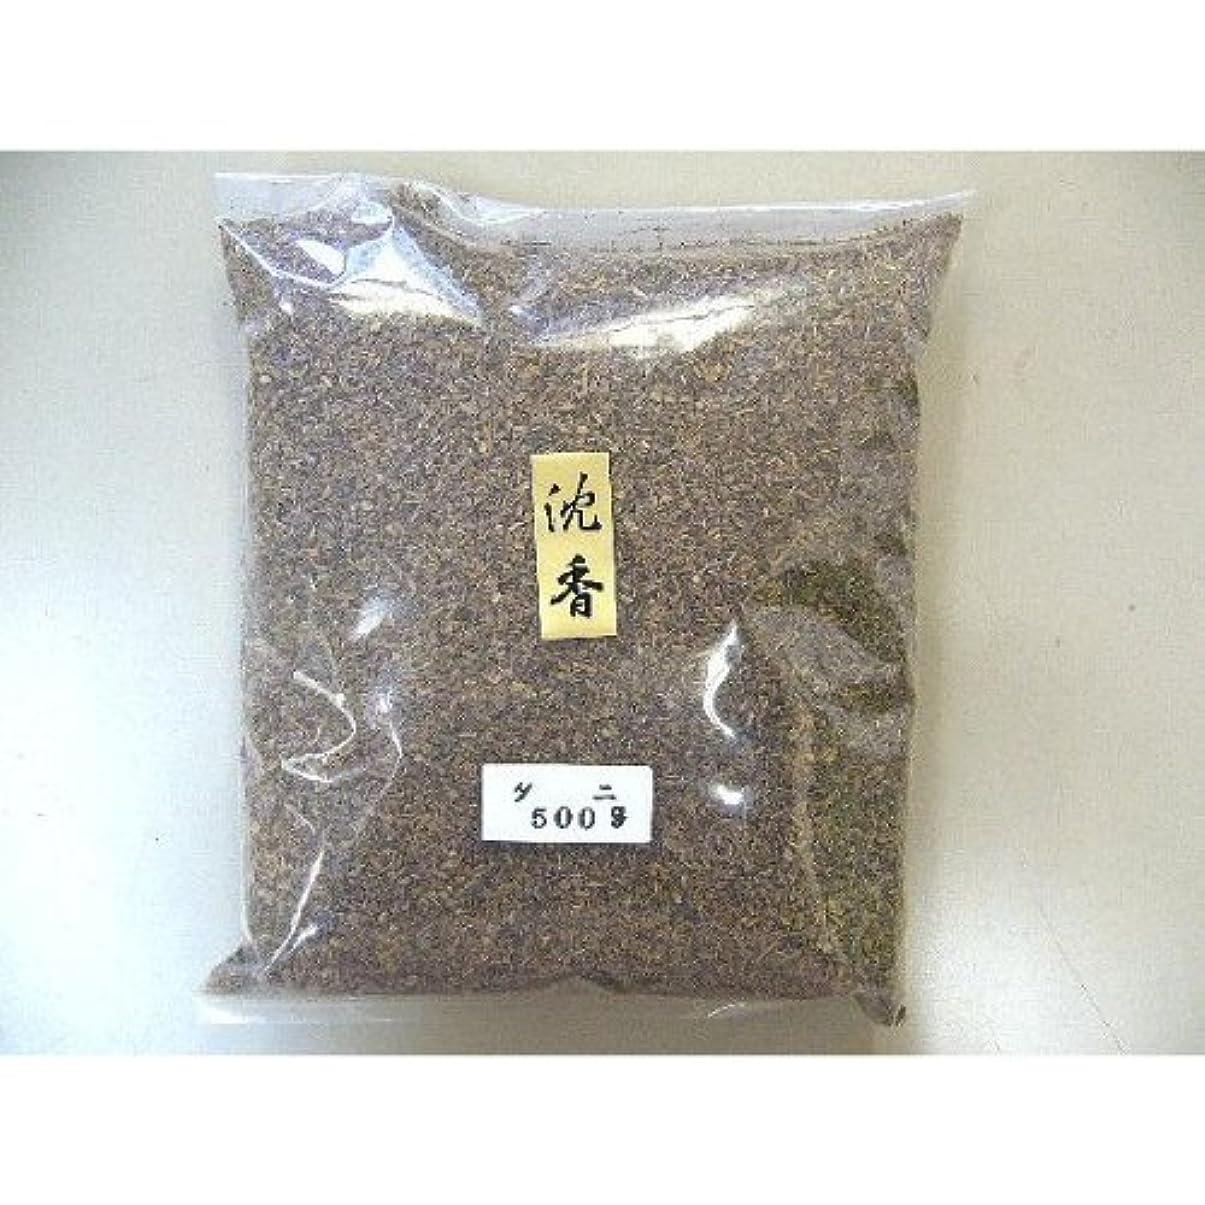 バージンドックスパンインドネシア産 タニ沈香(刻み)500gビニ-ル袋入